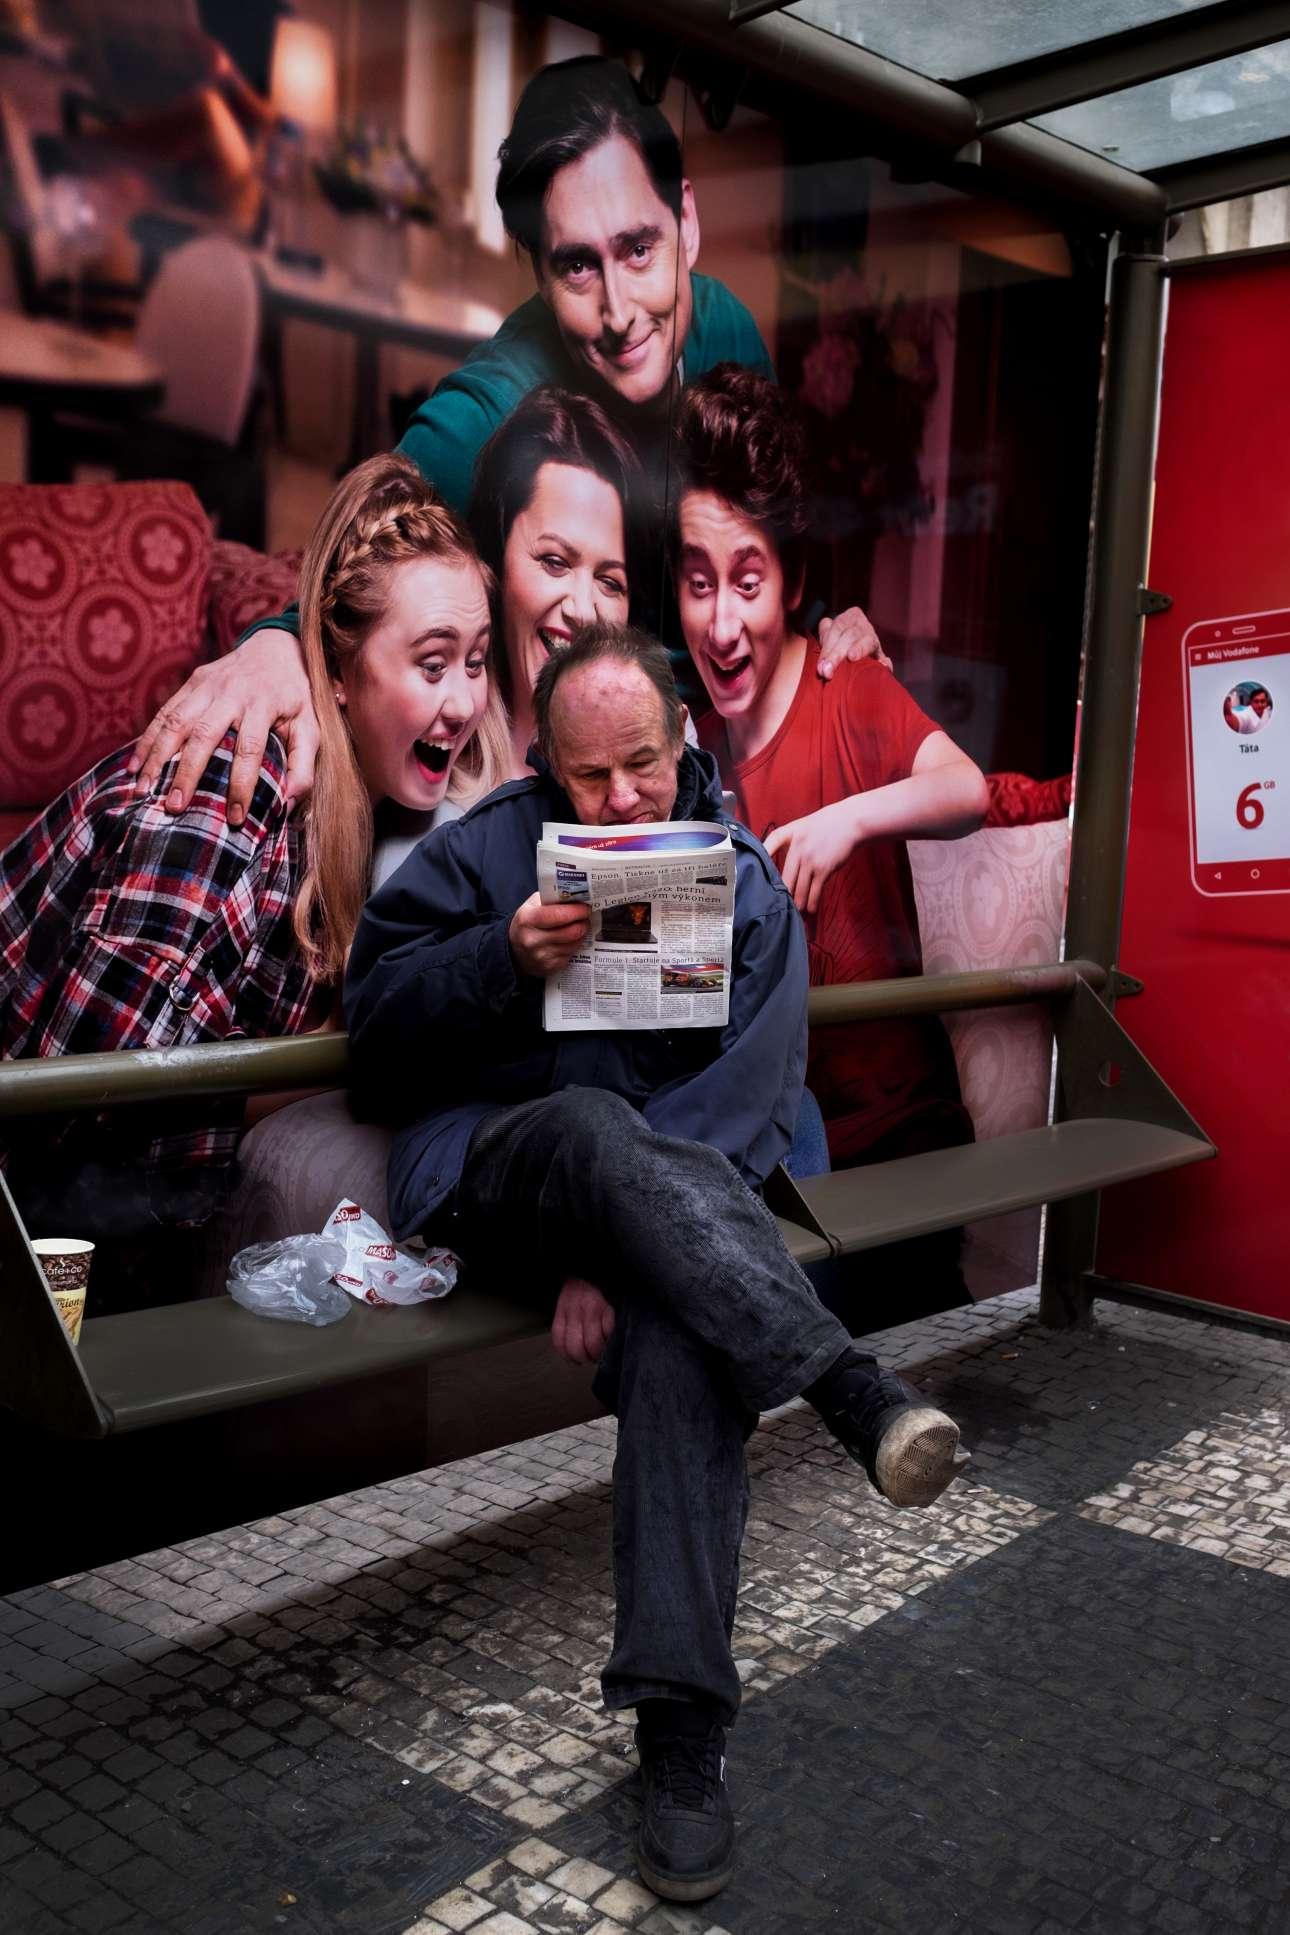 «Εφημερίδα». Το κατάλληλo κλικ, τη σωστή στιγμή, μπροστά από μία διαφημιστική αφίσα σε στάση τραμ της Πράγας και το αποτέλεσμα είναι εκπληκτικό